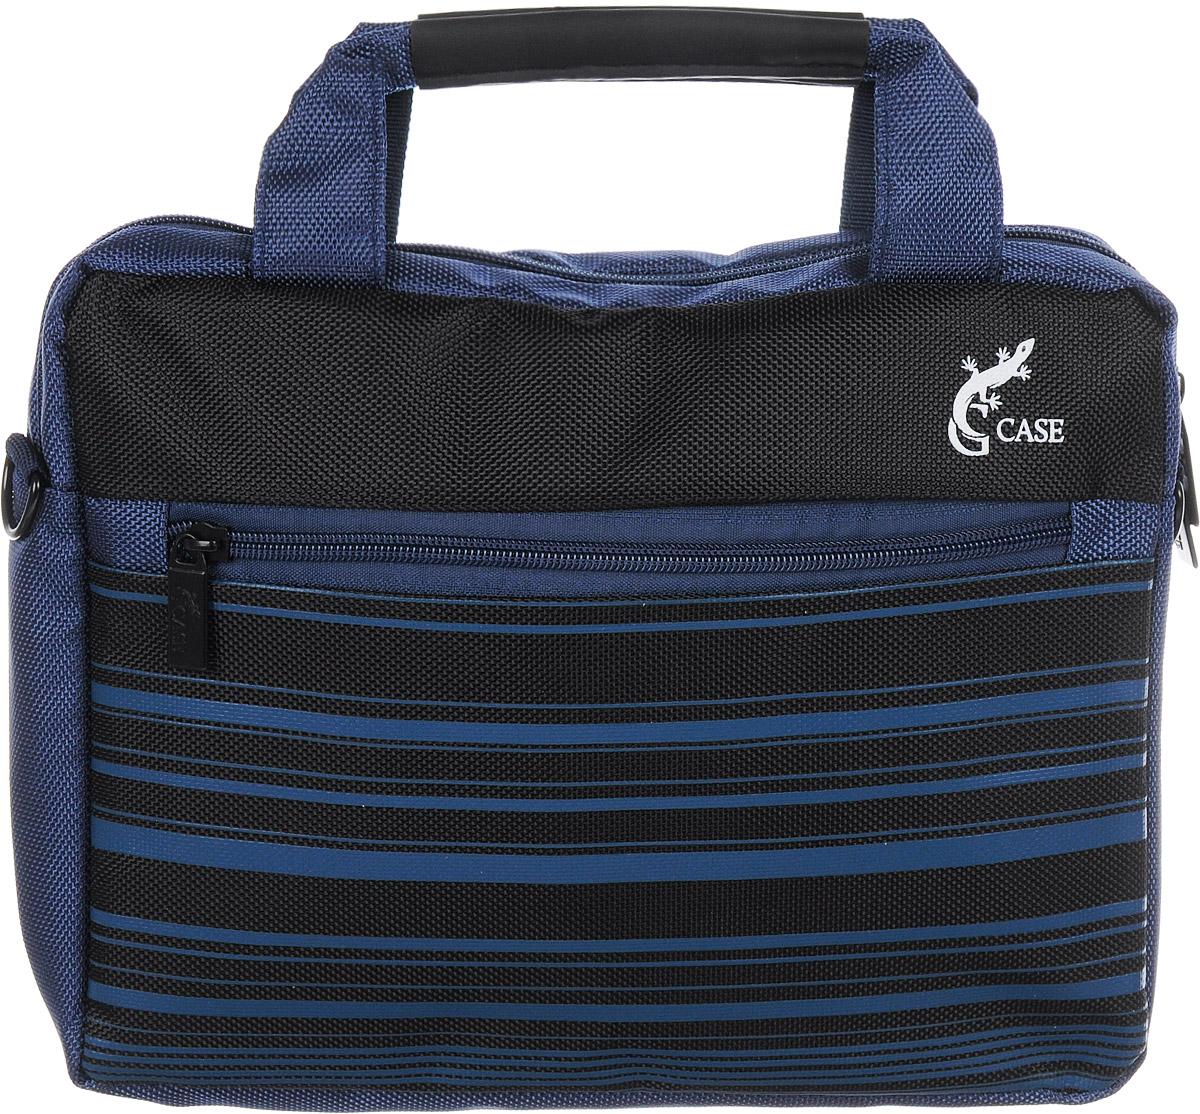 G-case GG-04 cумка для ноутбука 10-11,6, BlueУТ-000048681Сумка для ноутбука G-case с вертикальной загрузкой и с ручкой для переноски на плече. Стенки сумки выполнены из пенообразного материала, благодаря чему Ваш ноутбук защищён от пыли, царапин и ударов.